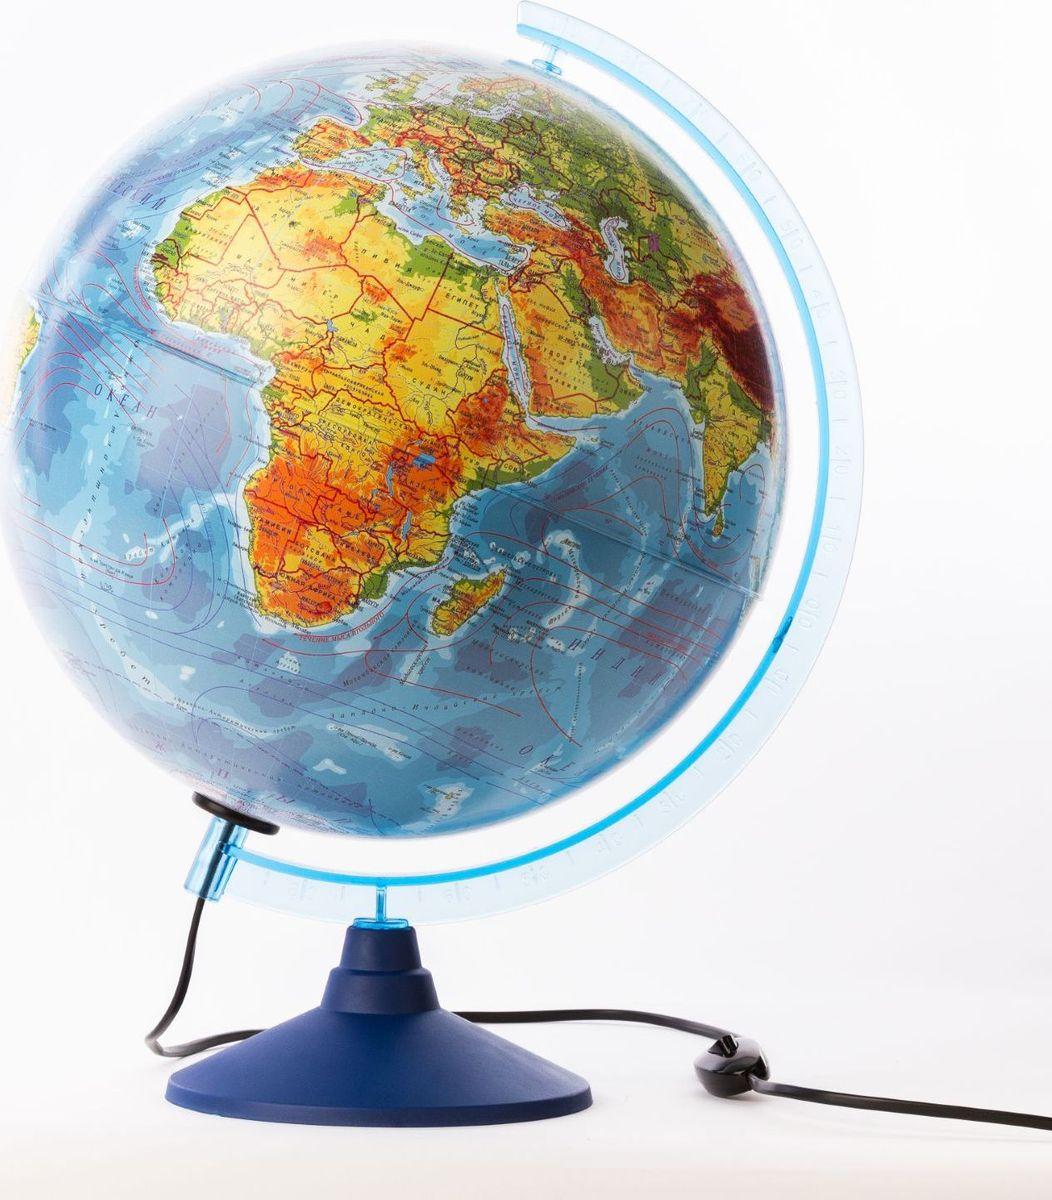 Глобен Глобус физико-политический Классик Евро с подсветкой диаметр 32 смFS-54102Глобус для всех, глобус каждому!Глобус — самый простой способ привить ребенку любовь к географии. Он является отличным наглядным примером, который способен в игровой доступной и понятной форме объяснить понятия о планете Земля.Также интерес к глобусам проявляют не только детки, но и взрослые. Для многих уменьшенная копия планеты заменяет атлас мира из-за своей доступности и универсальности.Умный подарок! Кому принято дарить глобусы? Всем! Глобус физико-политический диаметр 320мм Классик Евро, с подсветкой — это уменьшенная копия земного шара, в которой каждый найдет для себя что-то свое.путешественники и заядлые туристы смогут отмечать с помощью стикеров те места, в которых побывали или собираются их посетитьделовые и успешные люди оценят такой подарок по достоинству, потому что глобус ассоциируется со статусом и властьюпреподаватели, ученые, студенты или просто неординарные личности также найдут для глобуса достойное место в своем доме.Итак, спешите заказать настольные глобусы в нашем интернет-магазине по привлекательным ценам, и помните, кто владеет глобусом, тот владеет миром!